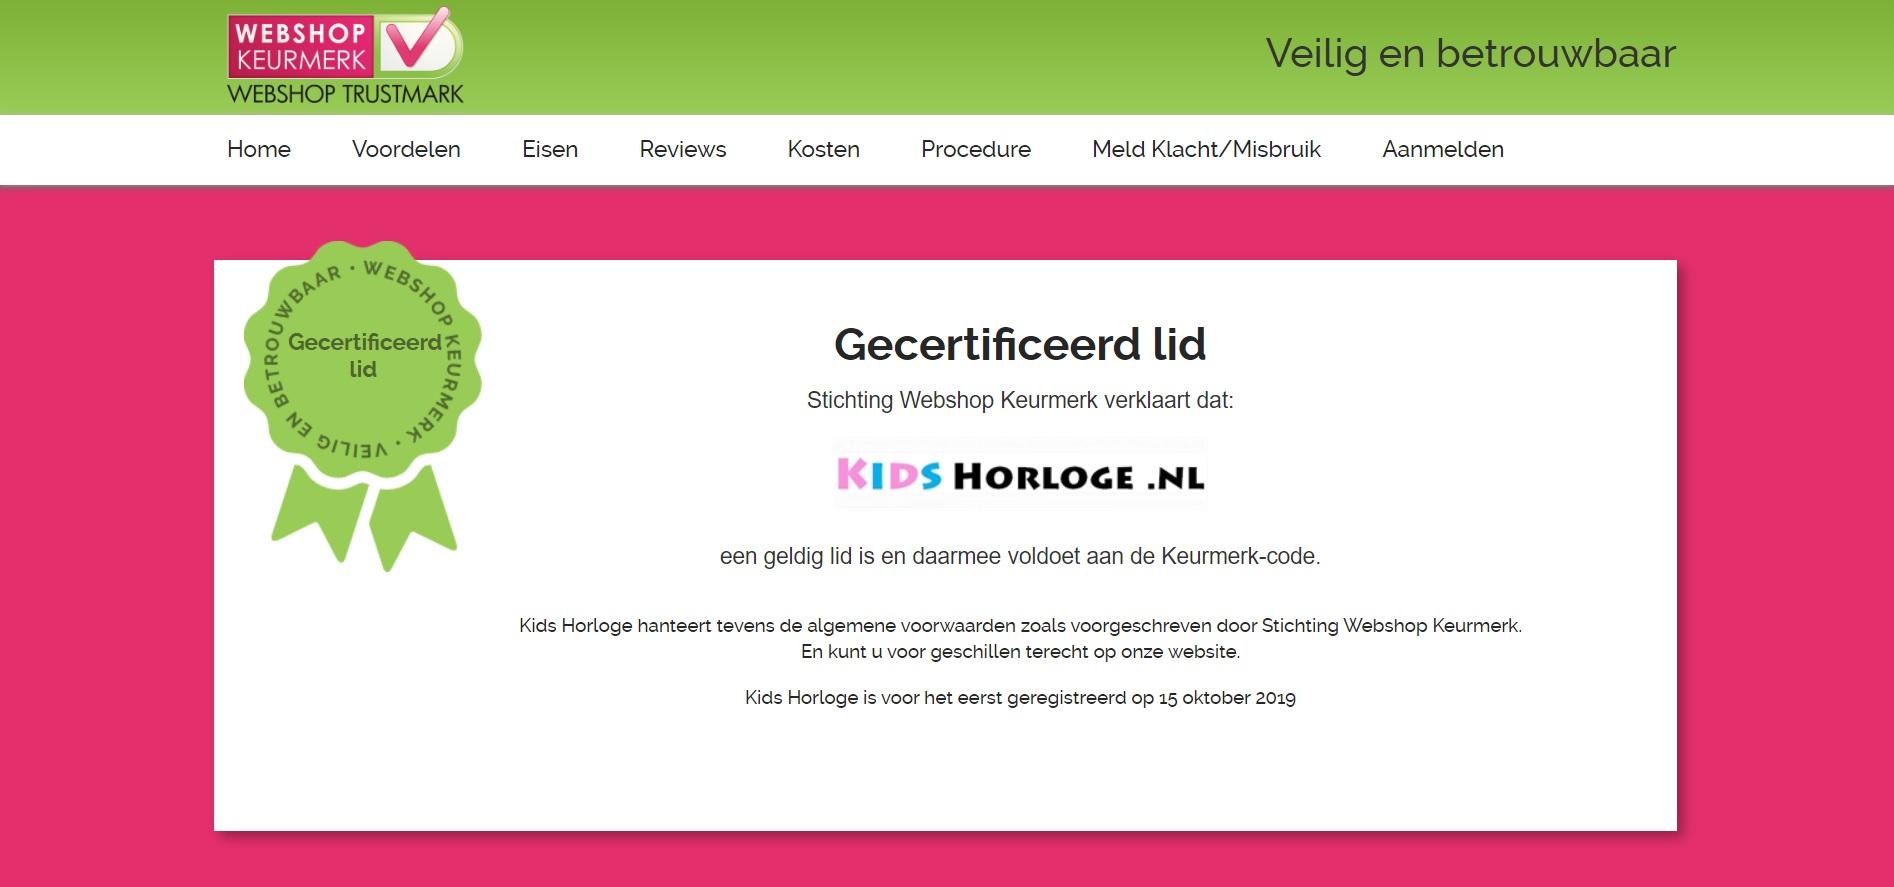 Kids Horloge Stichting Webshop Keurmerk